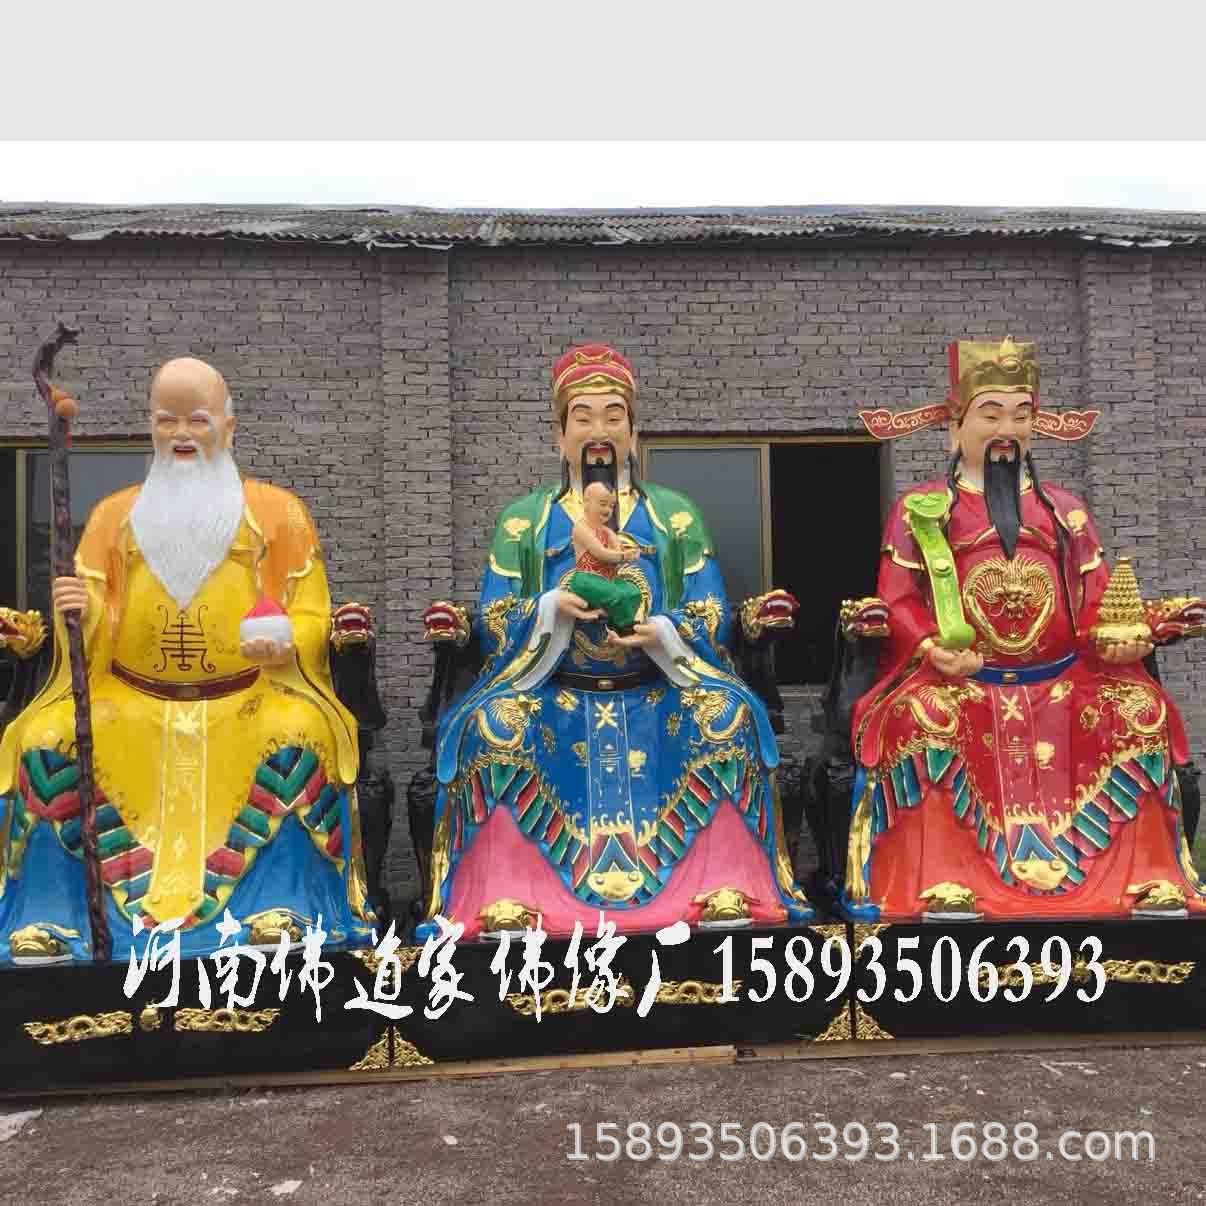 禄禄寿佛像价格 南极仙翁图片 河南佛道家直销树脂神像佛像示例图4